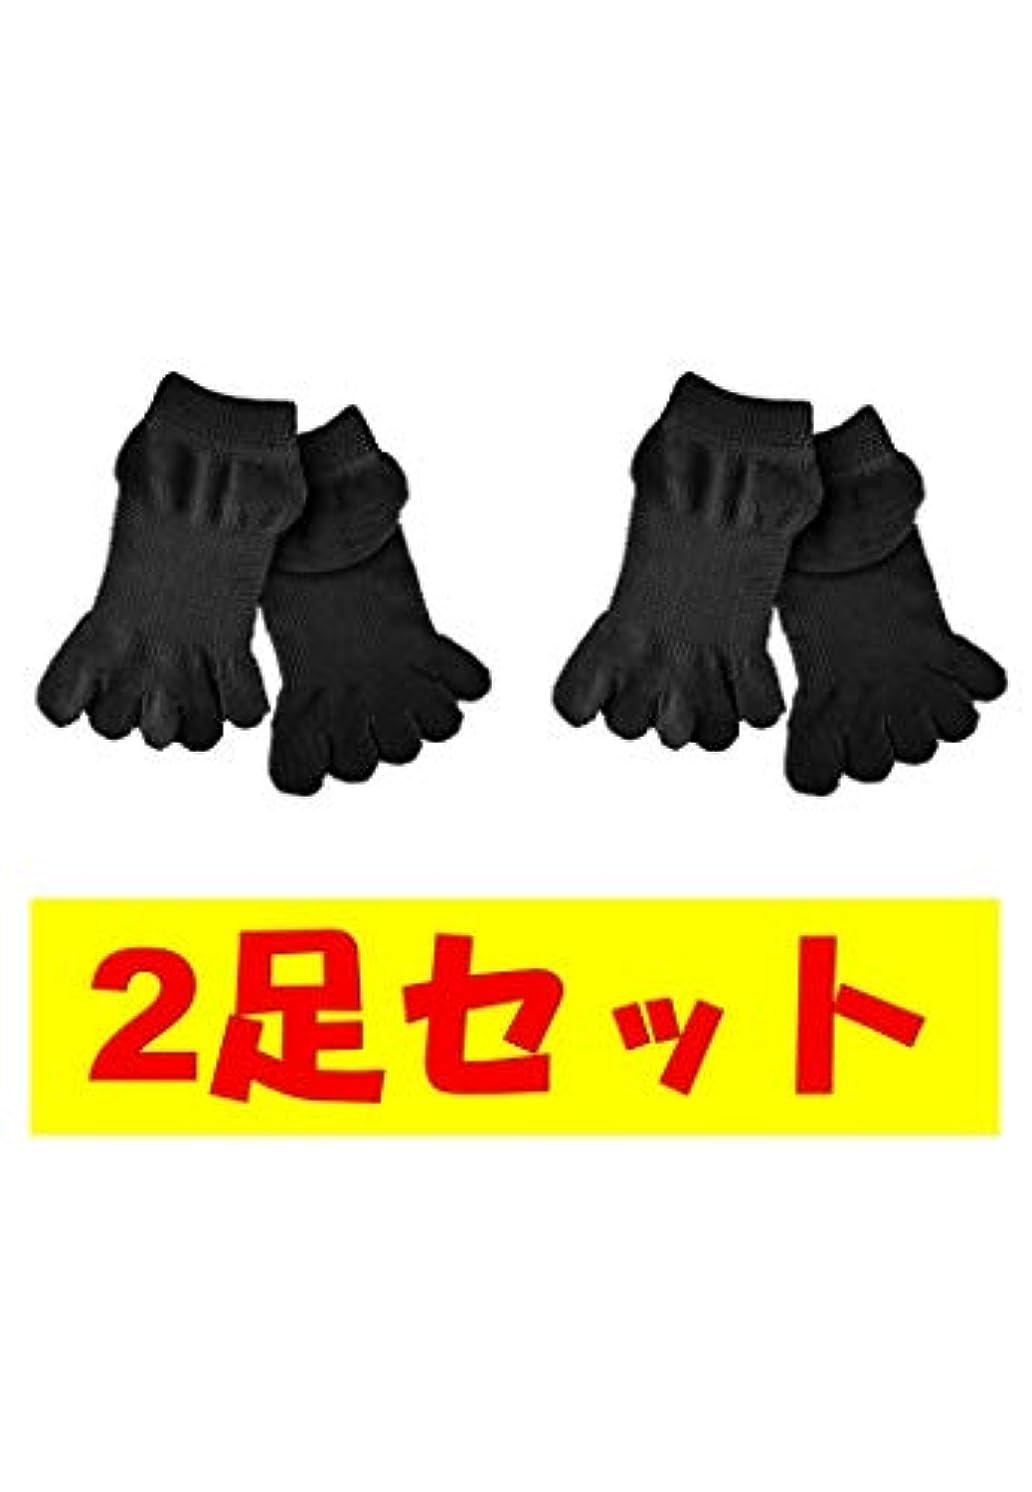 団結打たれたトラックスクランブルお買い得2足セット 5本指 ゆびのばソックス ゆびのば アンクル ブラック iサイズ 23.5cm-25.5cm YSANKL-BLK